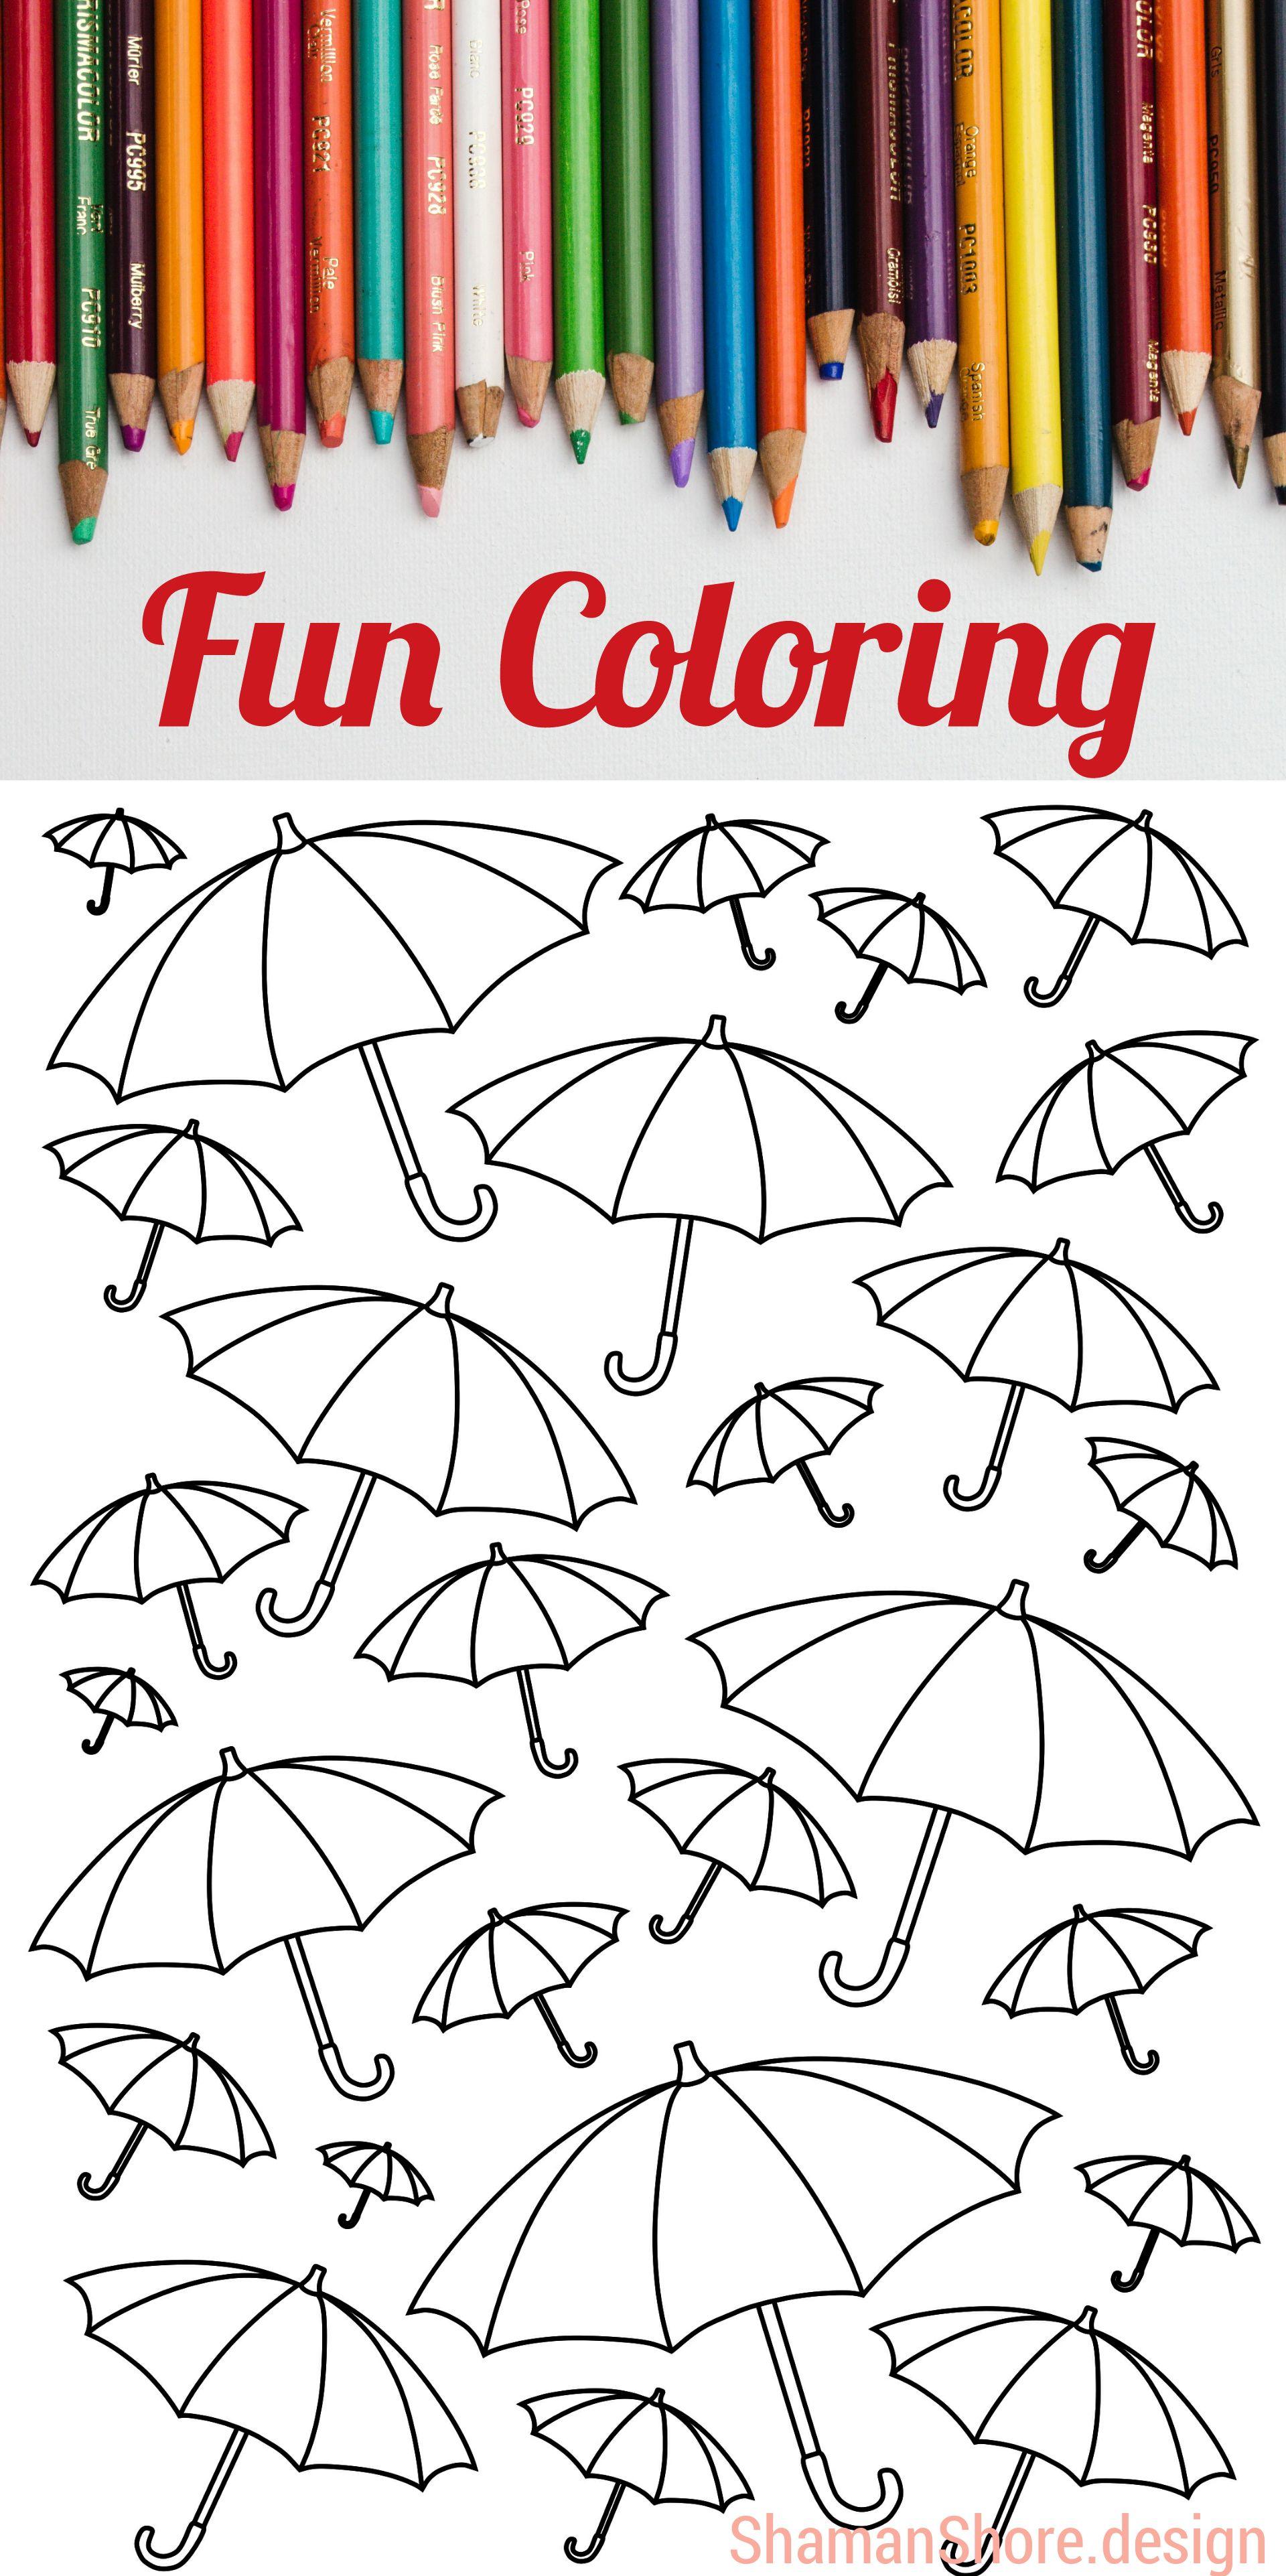 Digital Coloring Book Pdf Printable Coloring Pages Download Etsy Printable Coloring Pages Coloring Pages Easy Coloring Pages